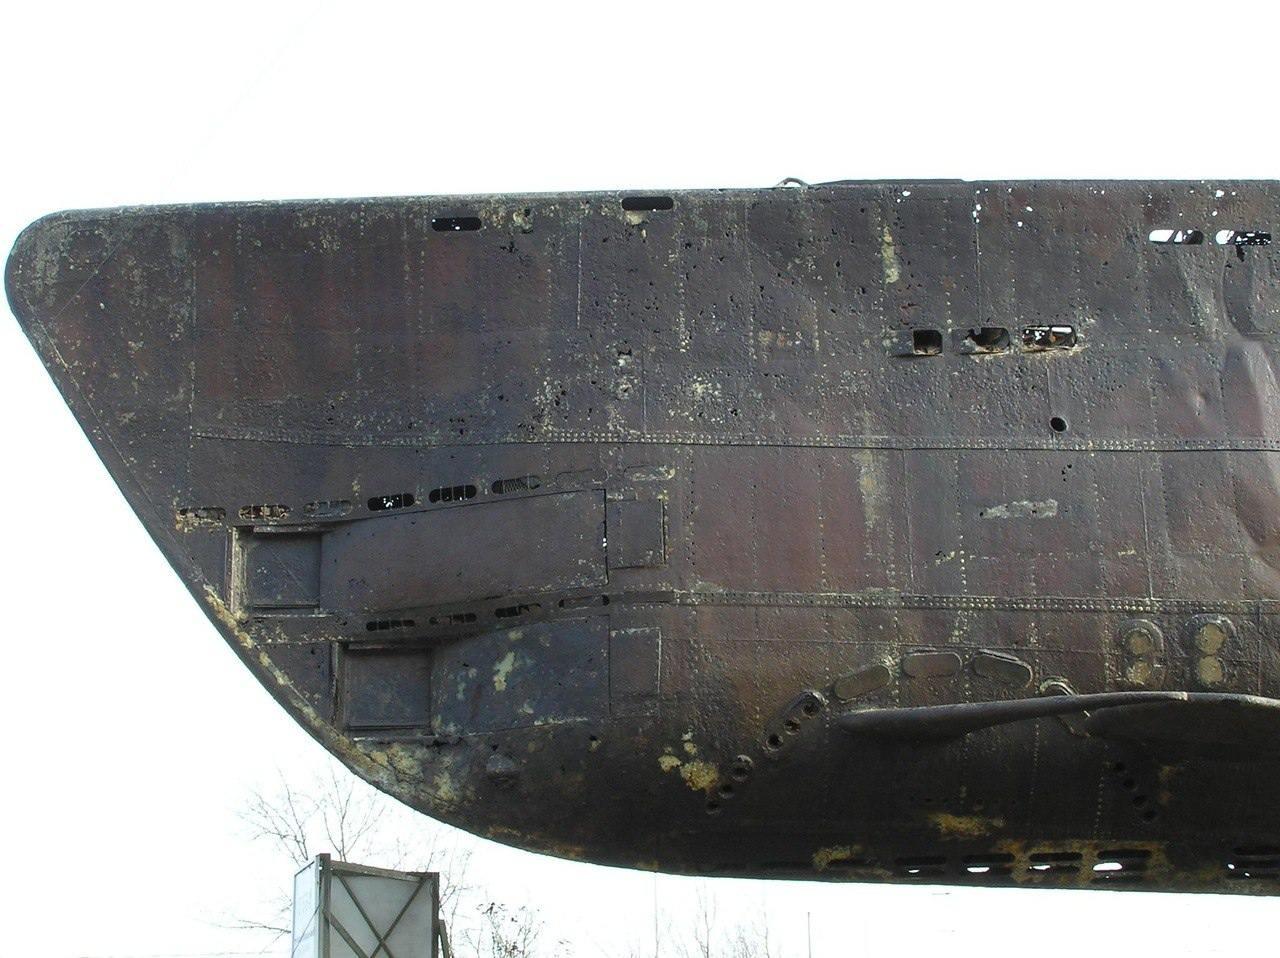 127346 - Как сделать музей с U-534